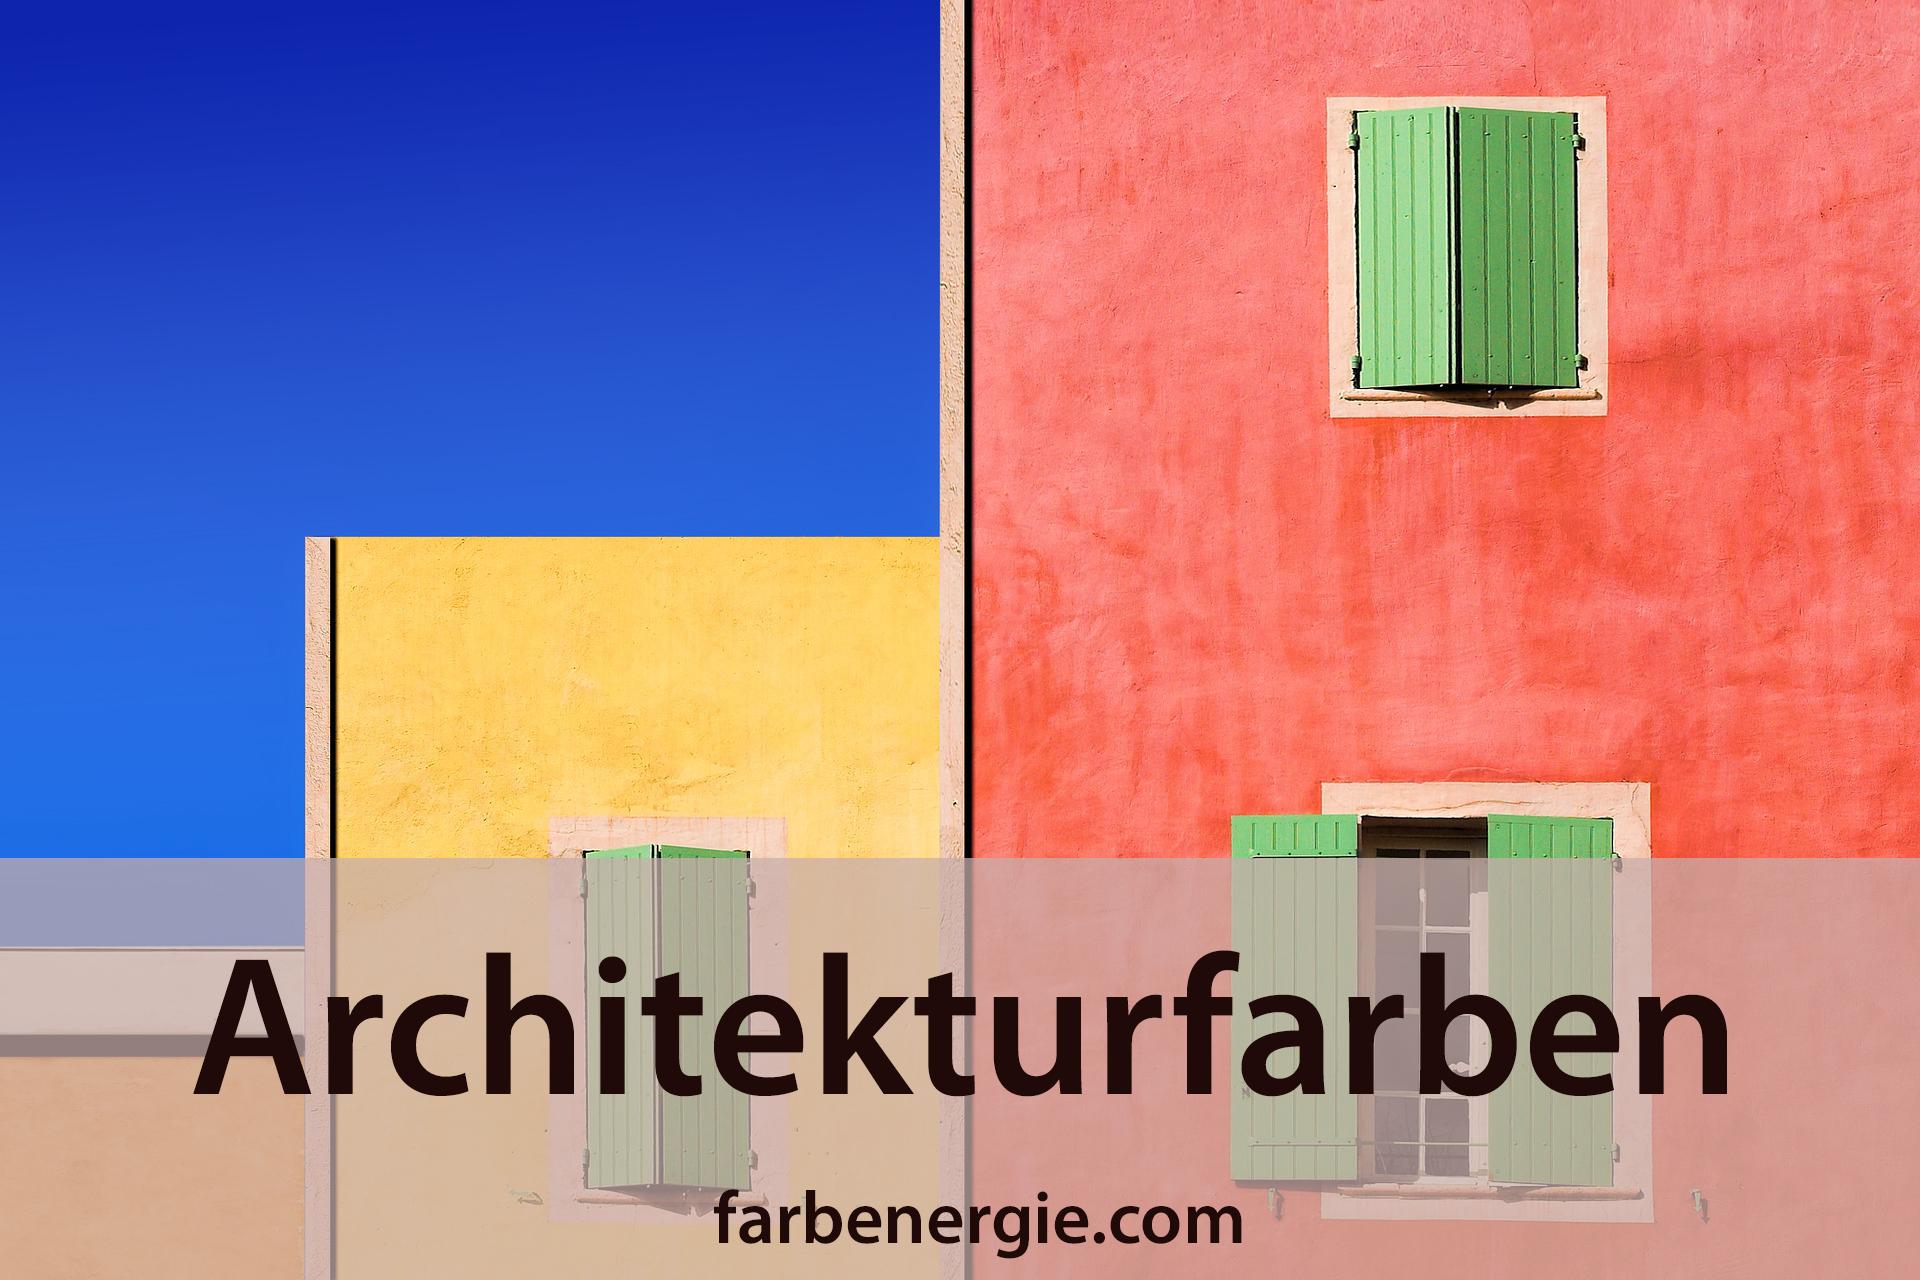 Farben Entwerfen Für Architektur Projekte 1: Architekturfarben-farben-architektur